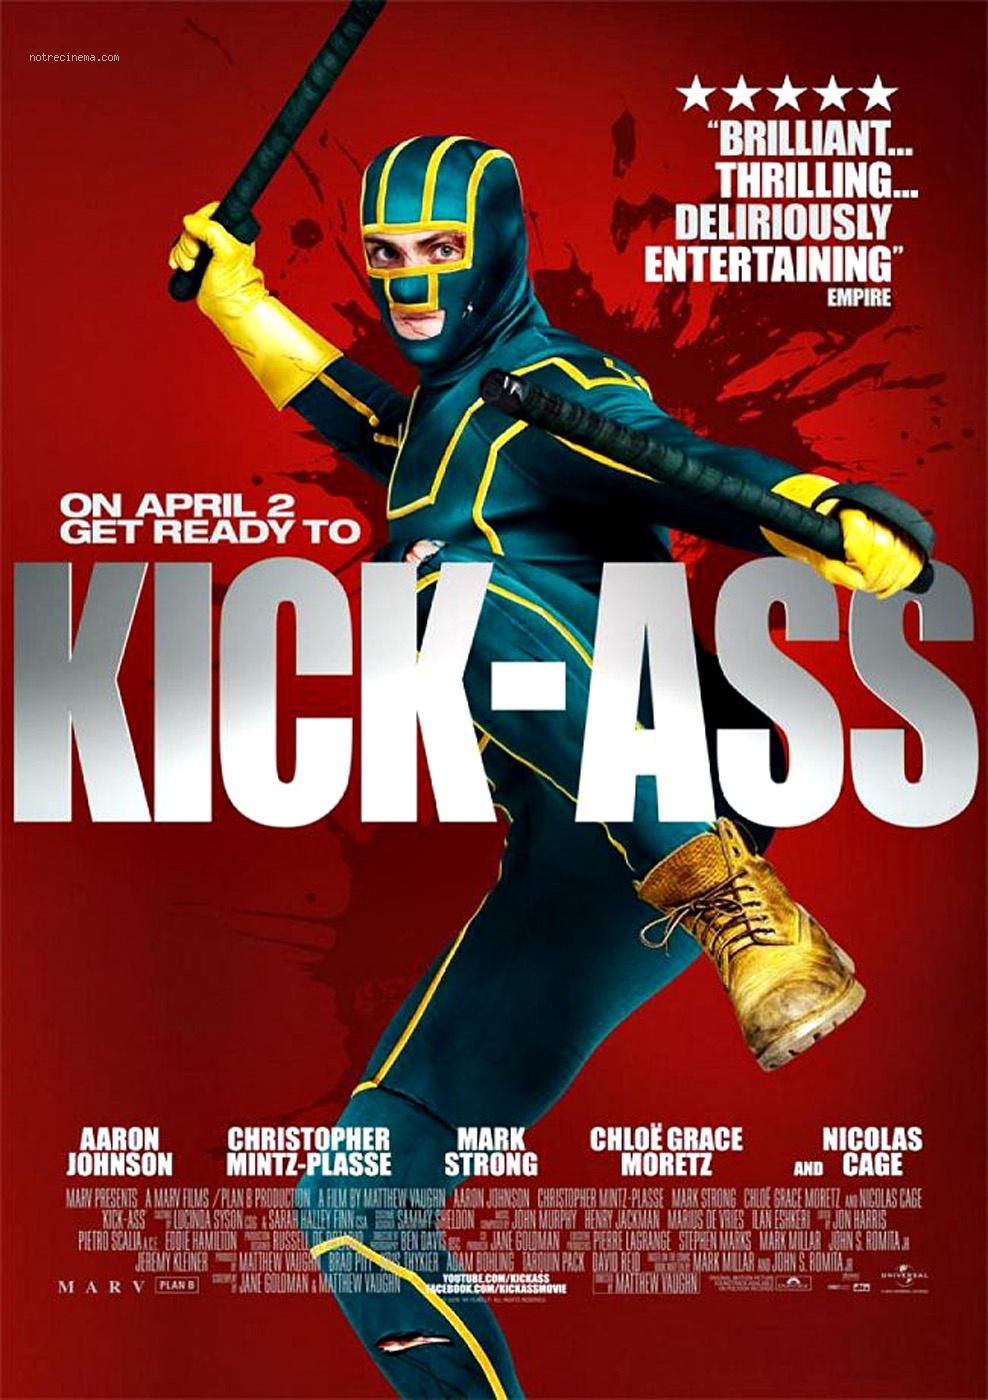 kick-ass-poster_293662_48132.jpg